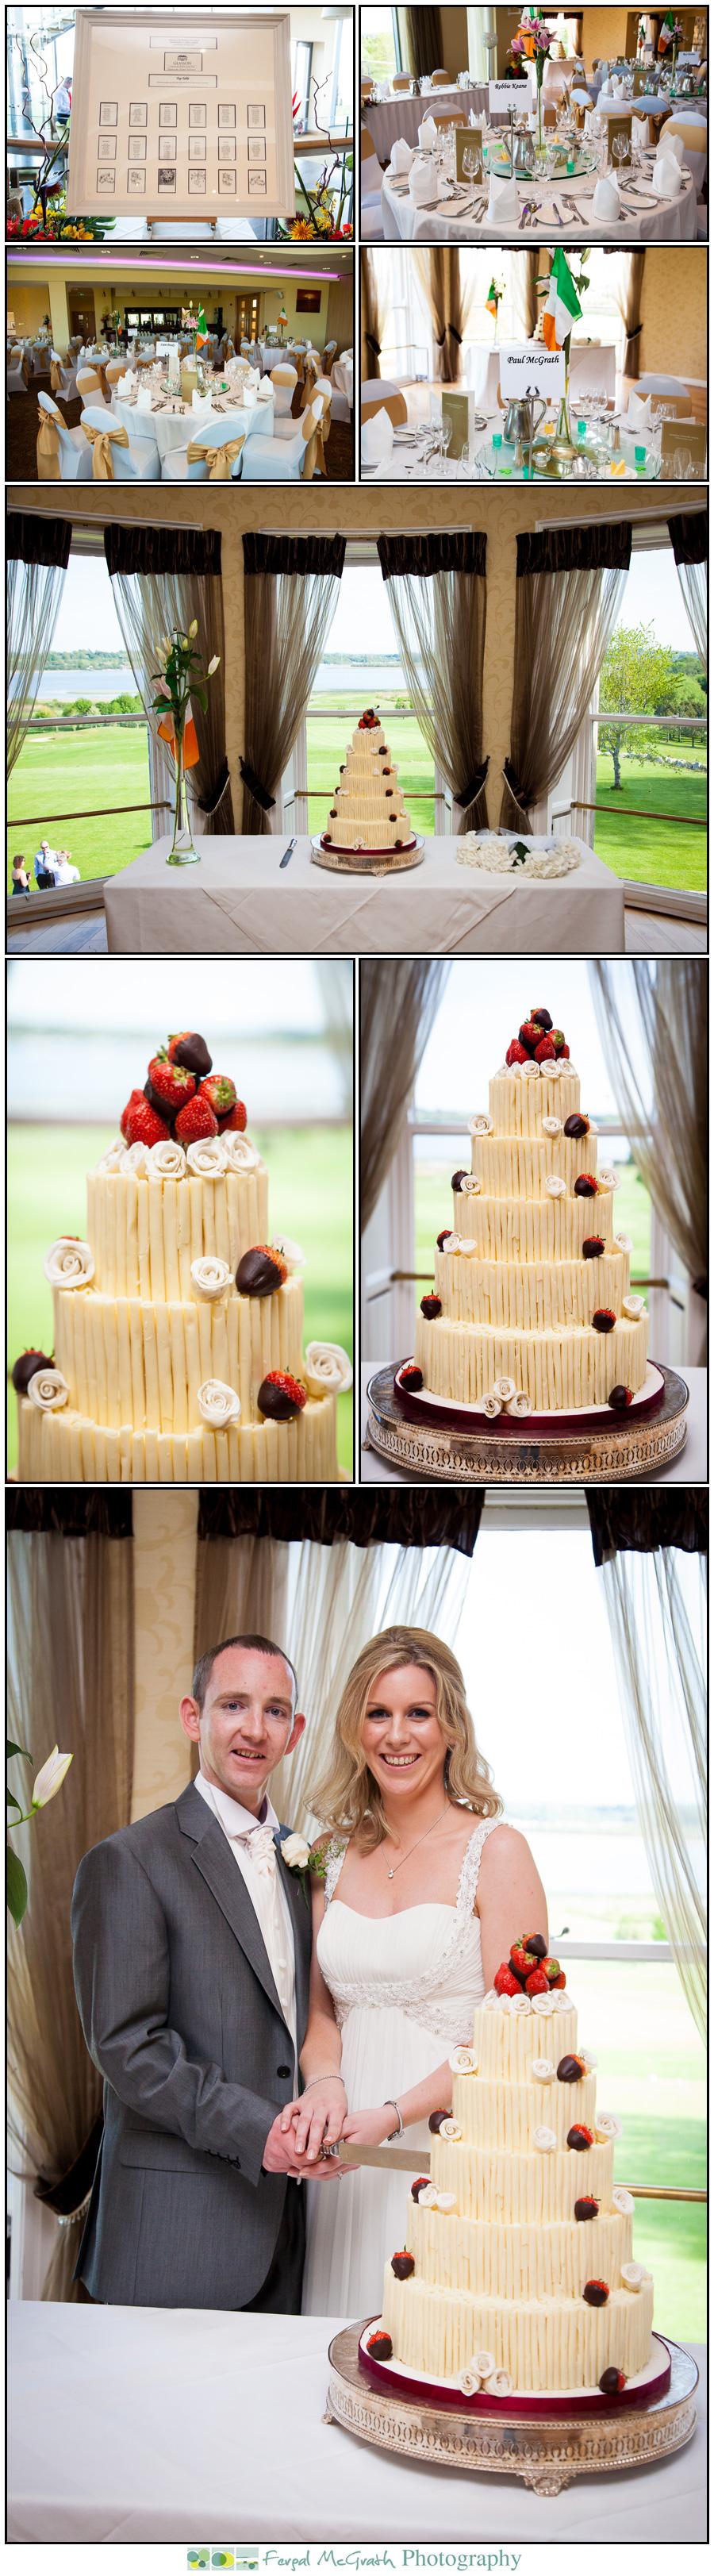 glasson golf hotel michelle butler wedding